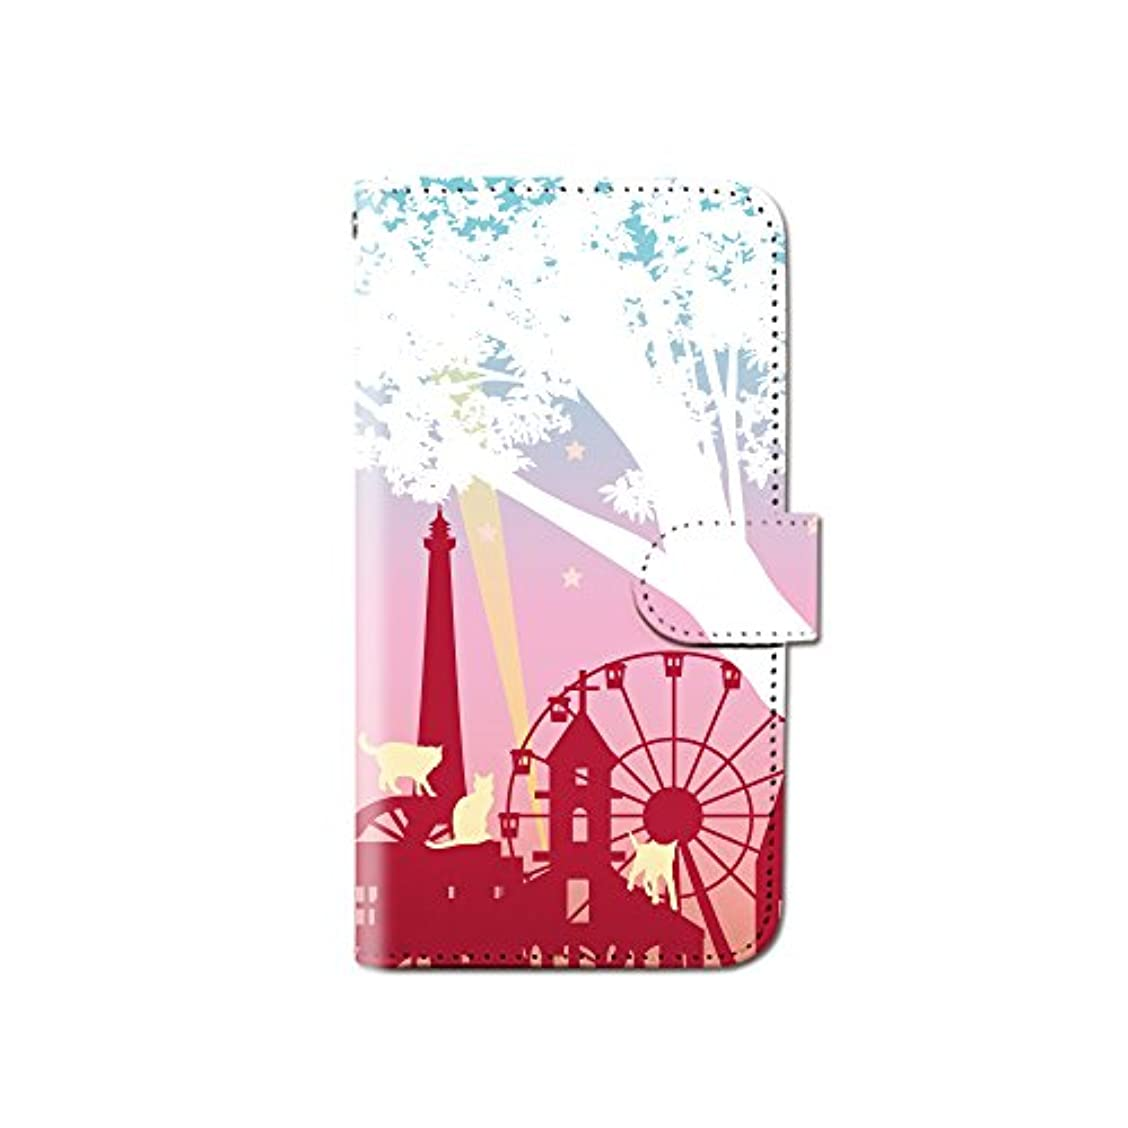 カブ感謝している名詞iPhone7 (4.7) iPhone7 猫 遊園地 ねこ アニマル スマホケース 手帳型 マグネット式 カード収納 dy001-00333-02 iPhone7 (4.7インチ):M